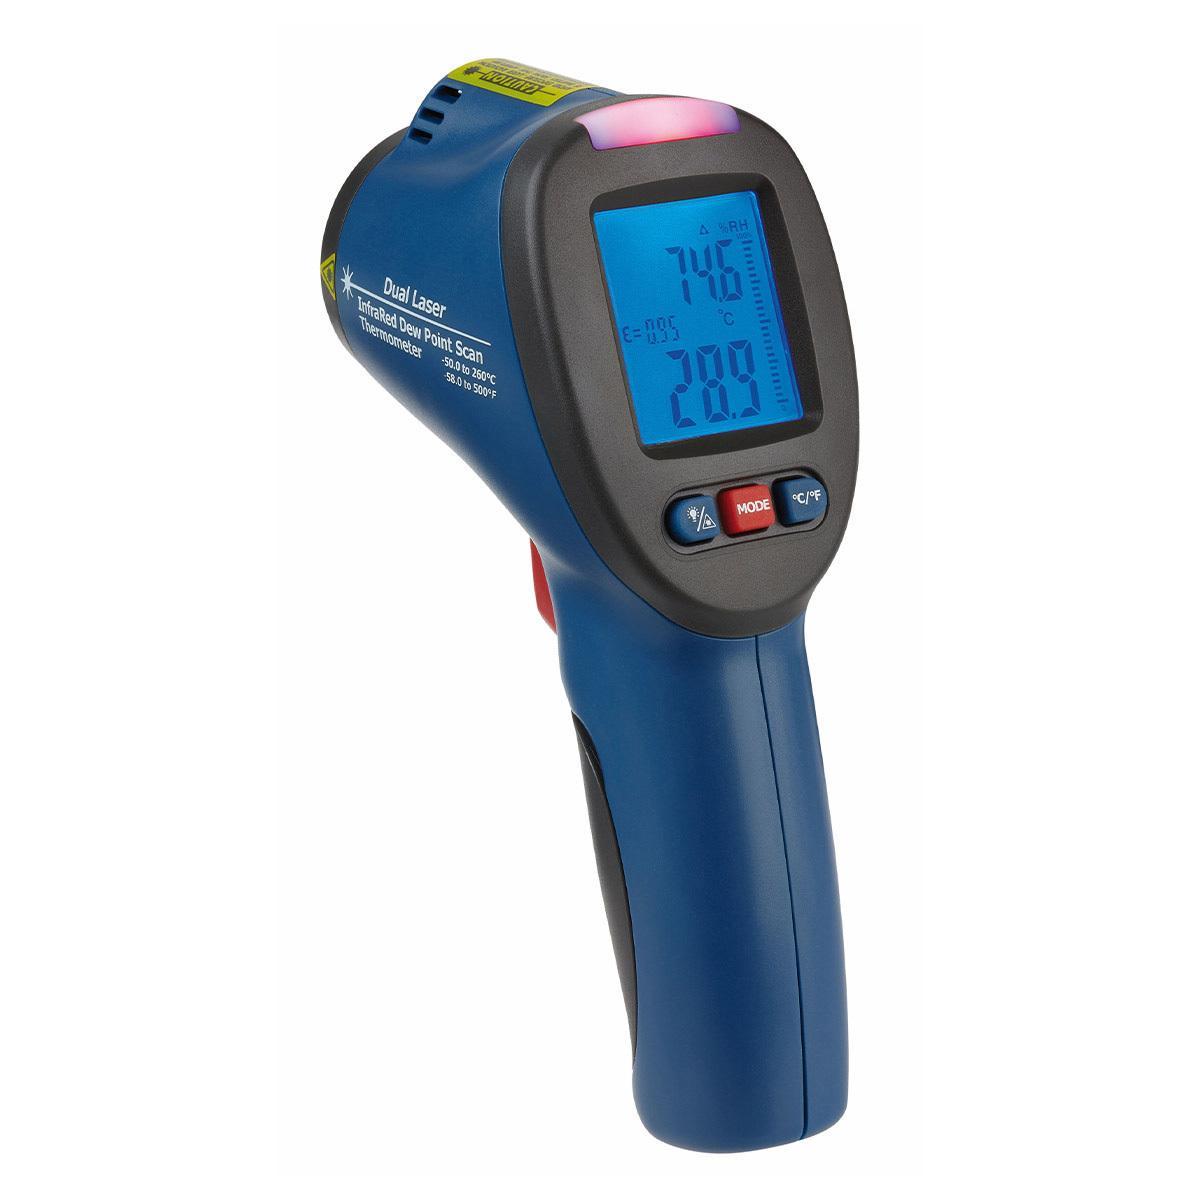 TFA 31.1141.06 - Infračervený teploměr s měřením rosného bodu a sledováním rizika plísní